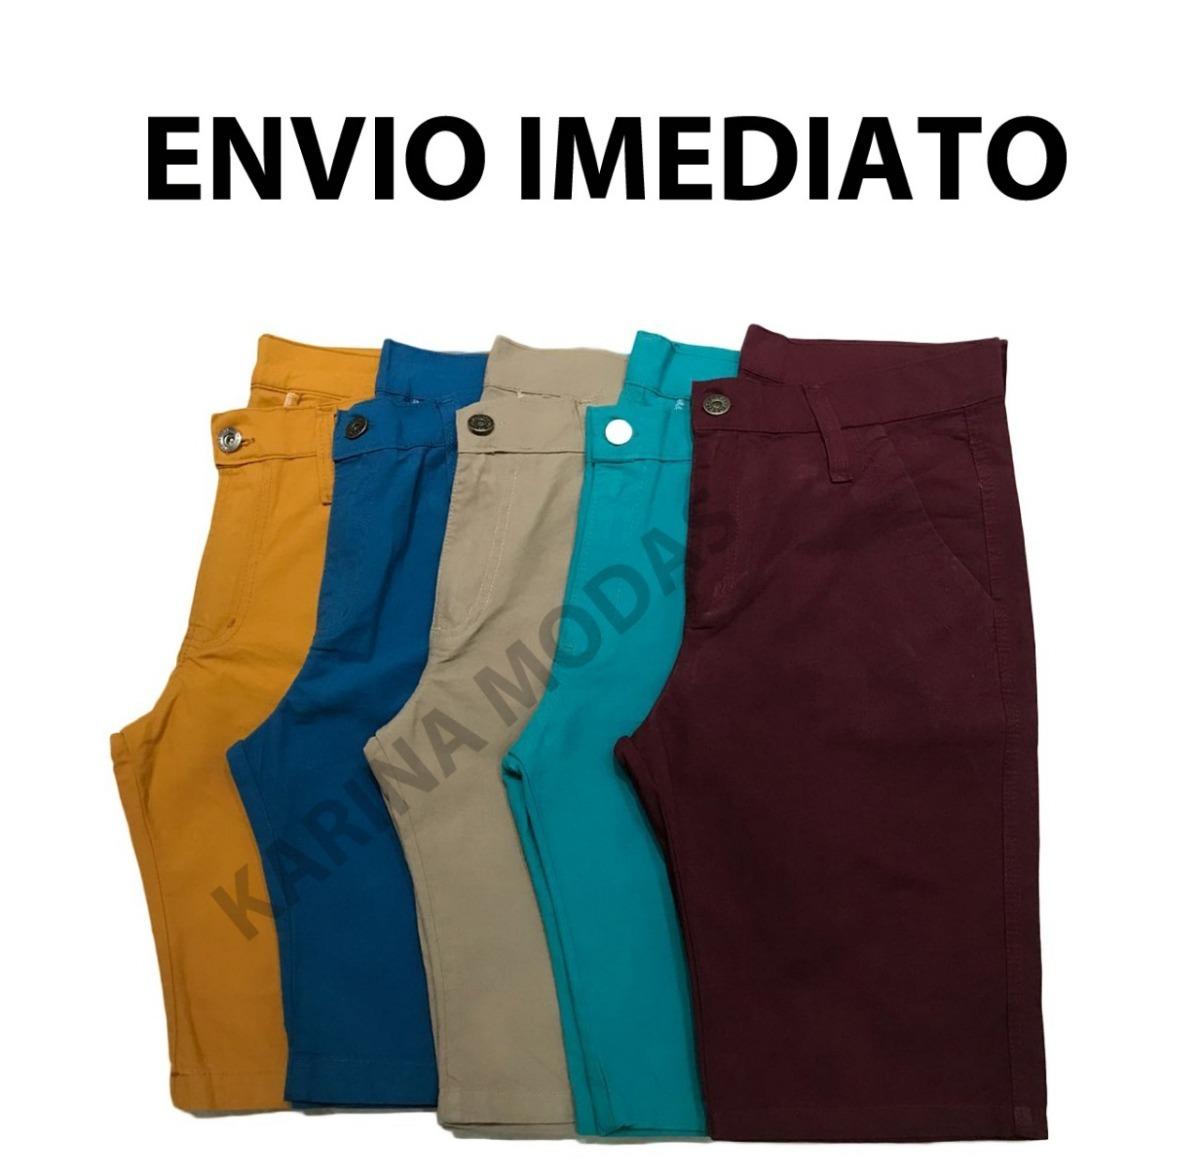 Kit 4 Bermudas Masculina Sarja   Jeans - R  119 8eea6b9bb75